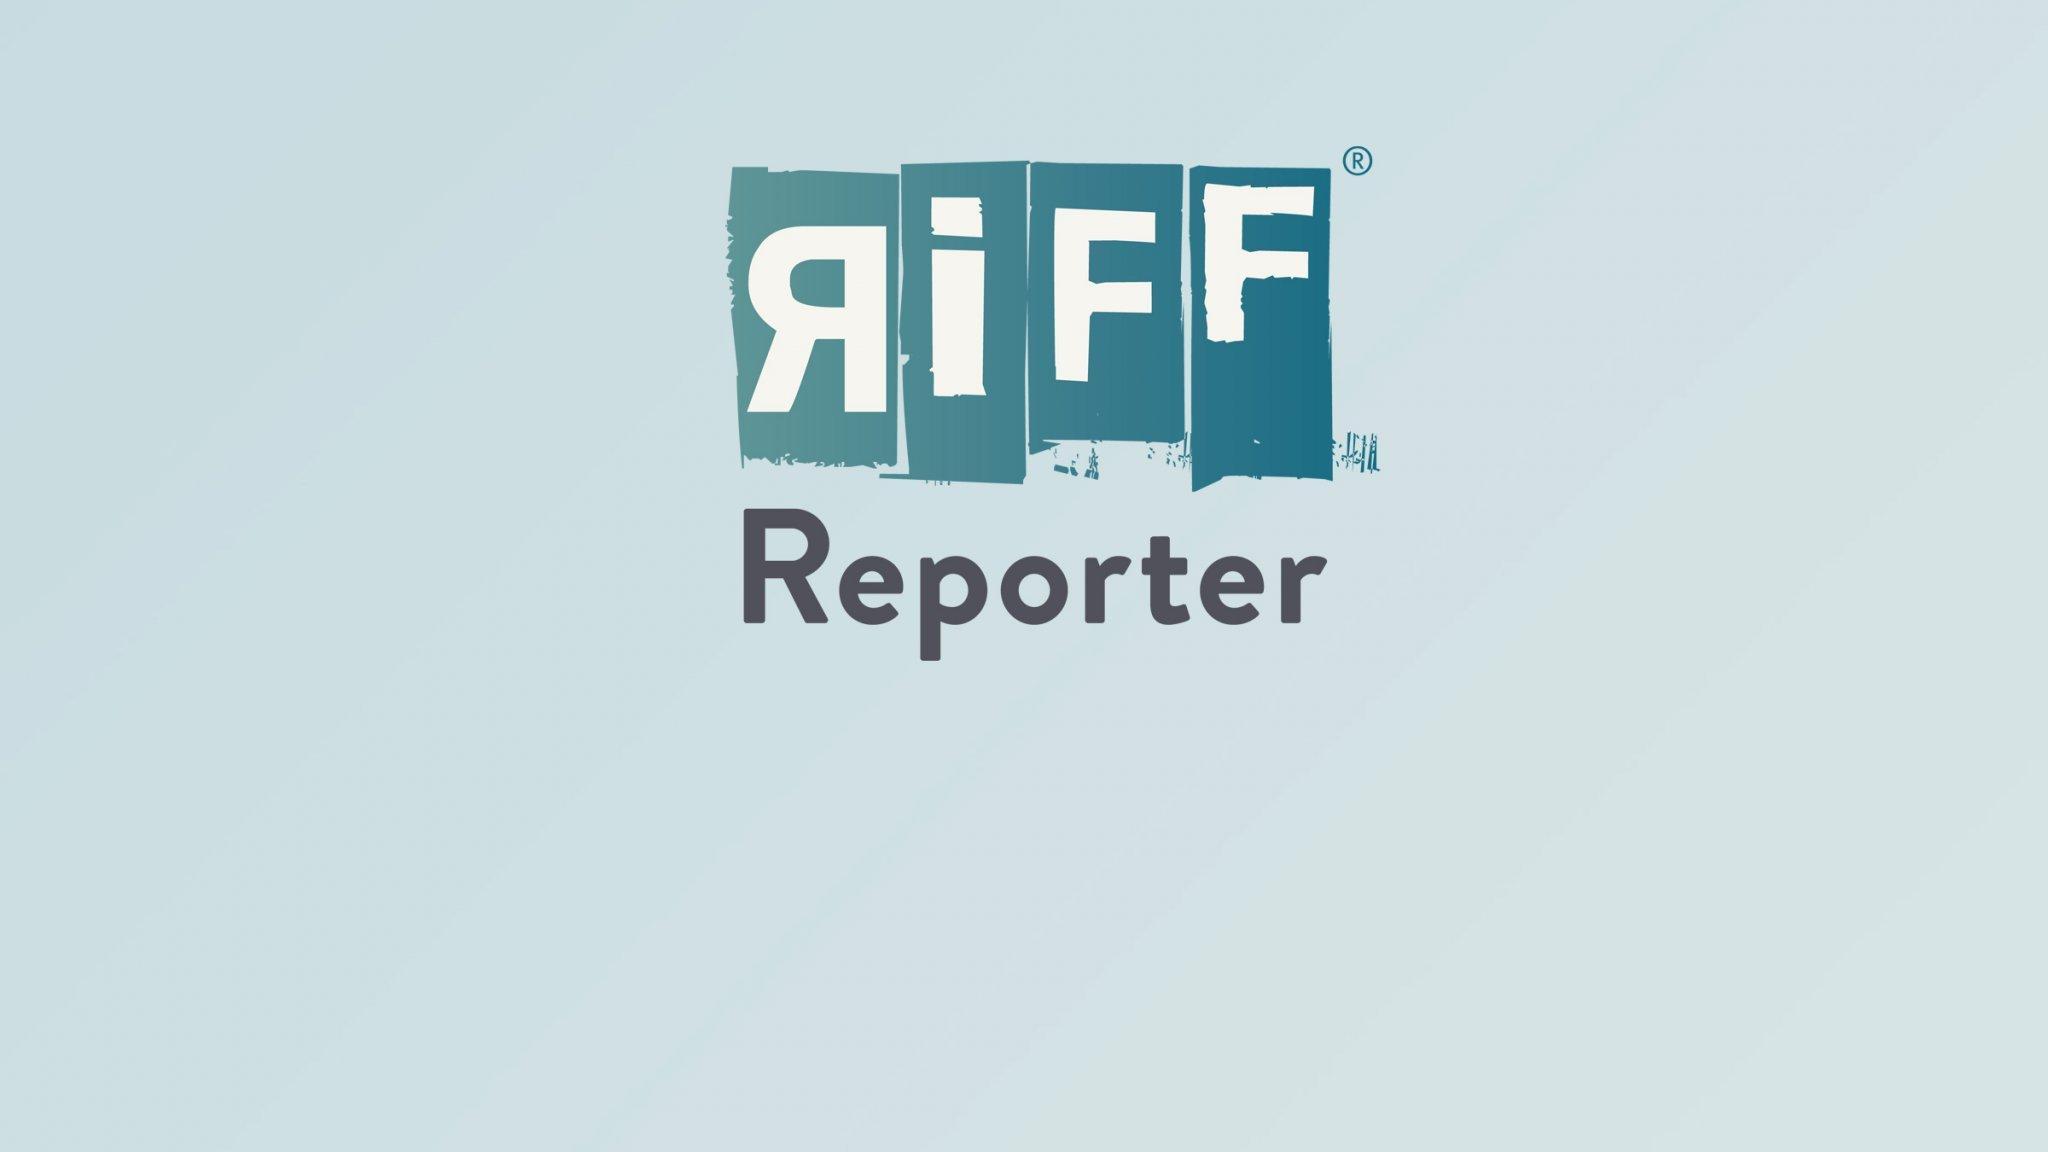 Die schwarze Silhouette einer Frau läuft durch einen dunklen Tunnel, an dessen Ende Licht scheint. Pflegende Angehörige fühlen sich oft in einem solchen Tunnel.